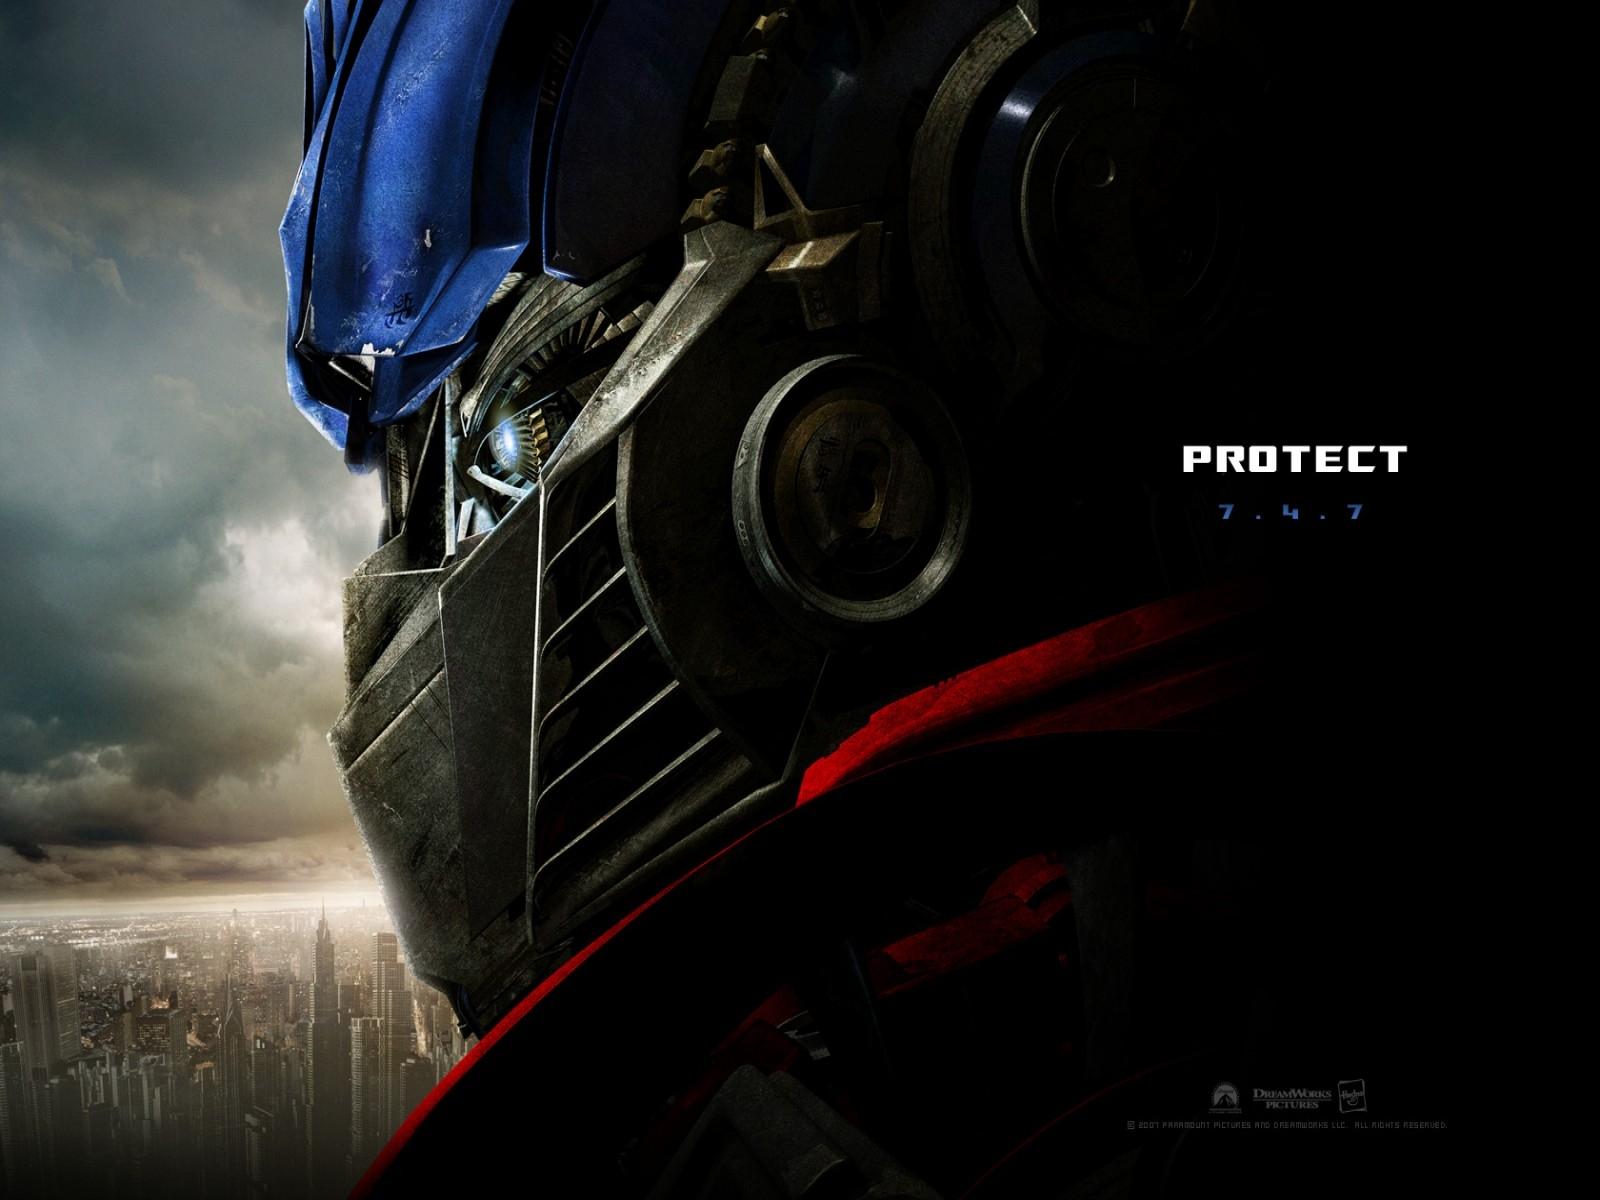 Wallpaper del film Transformers (2007)